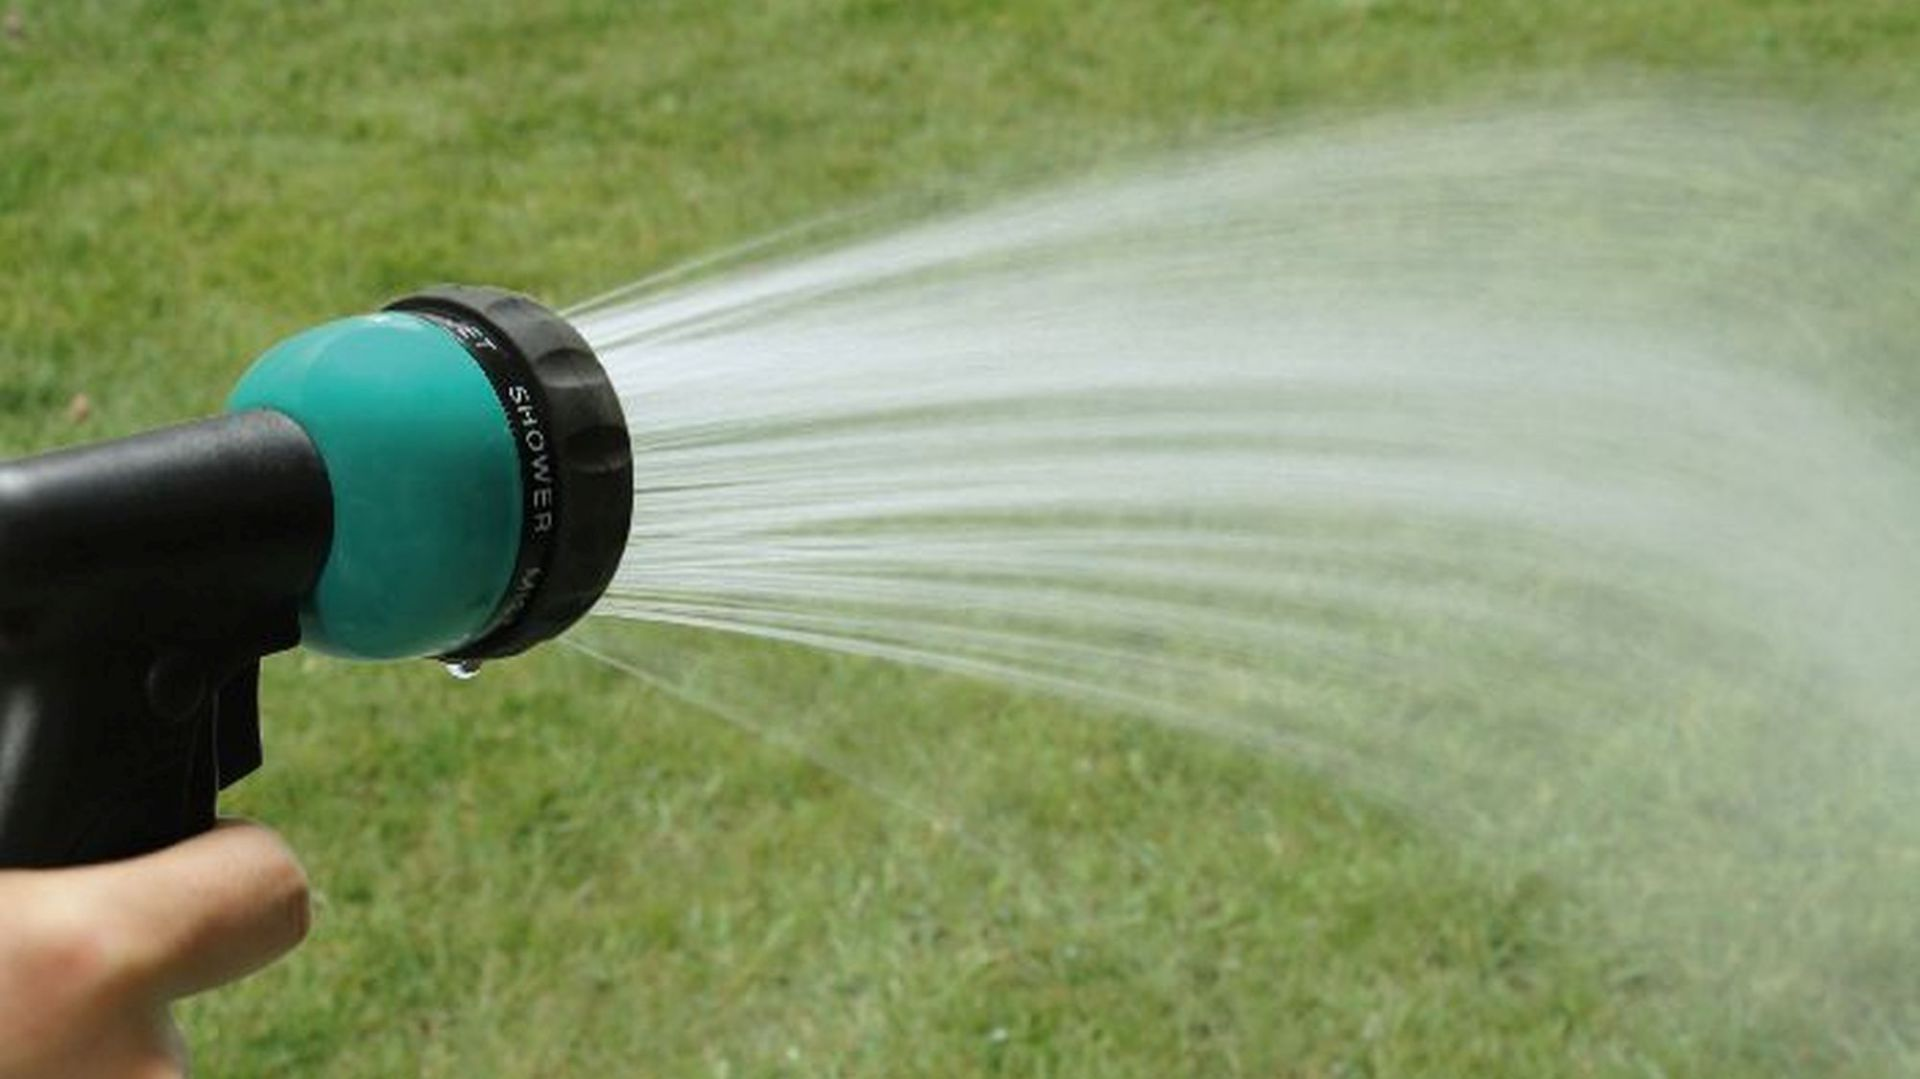 Pielęgnacja ogrodu - akcesoria do nawadniania. Fot. Agas